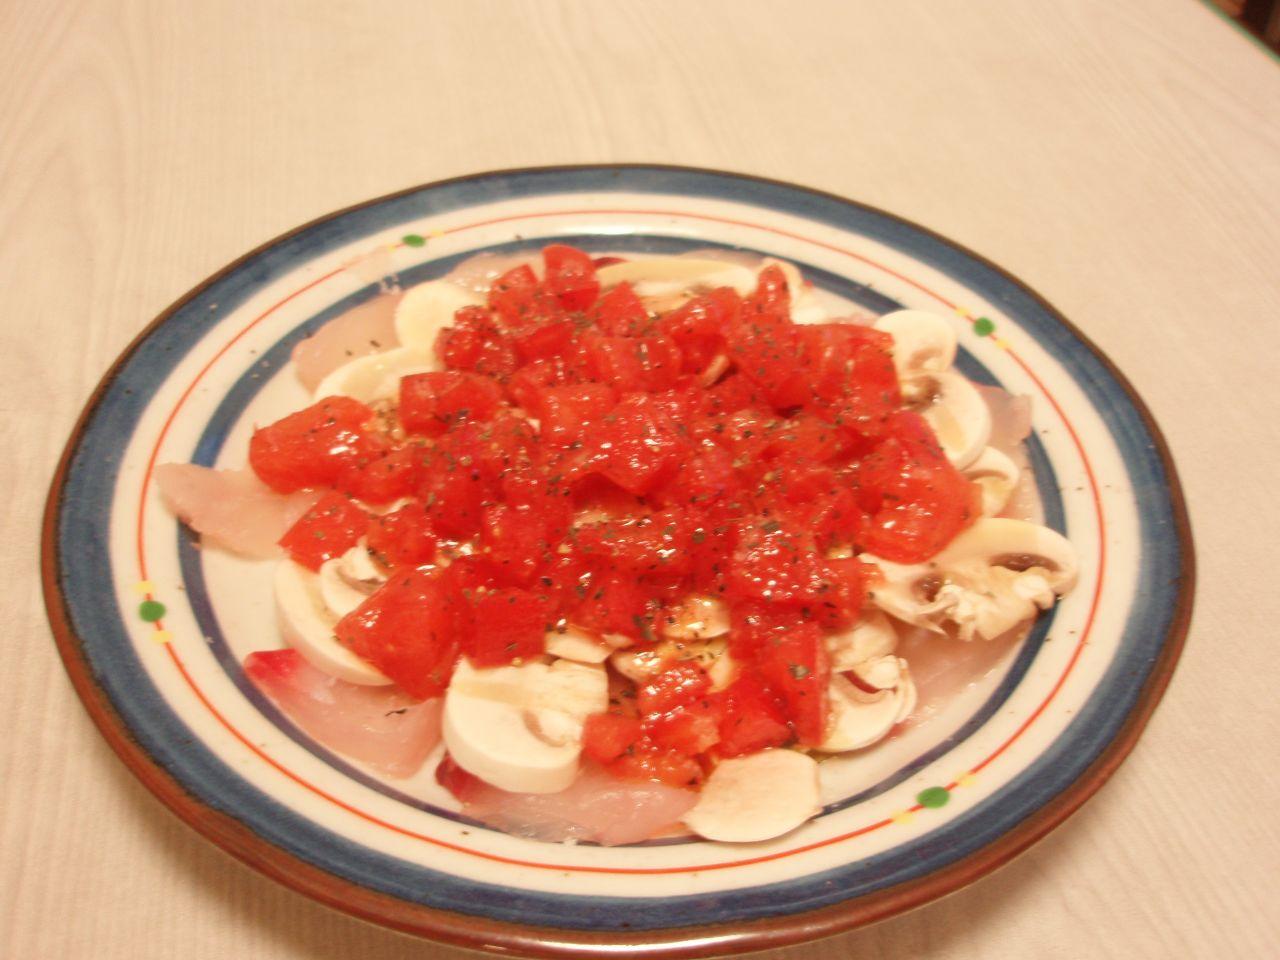 鯛のカルパッチョフレッシュトマトとマッシュルームのマリネ添え